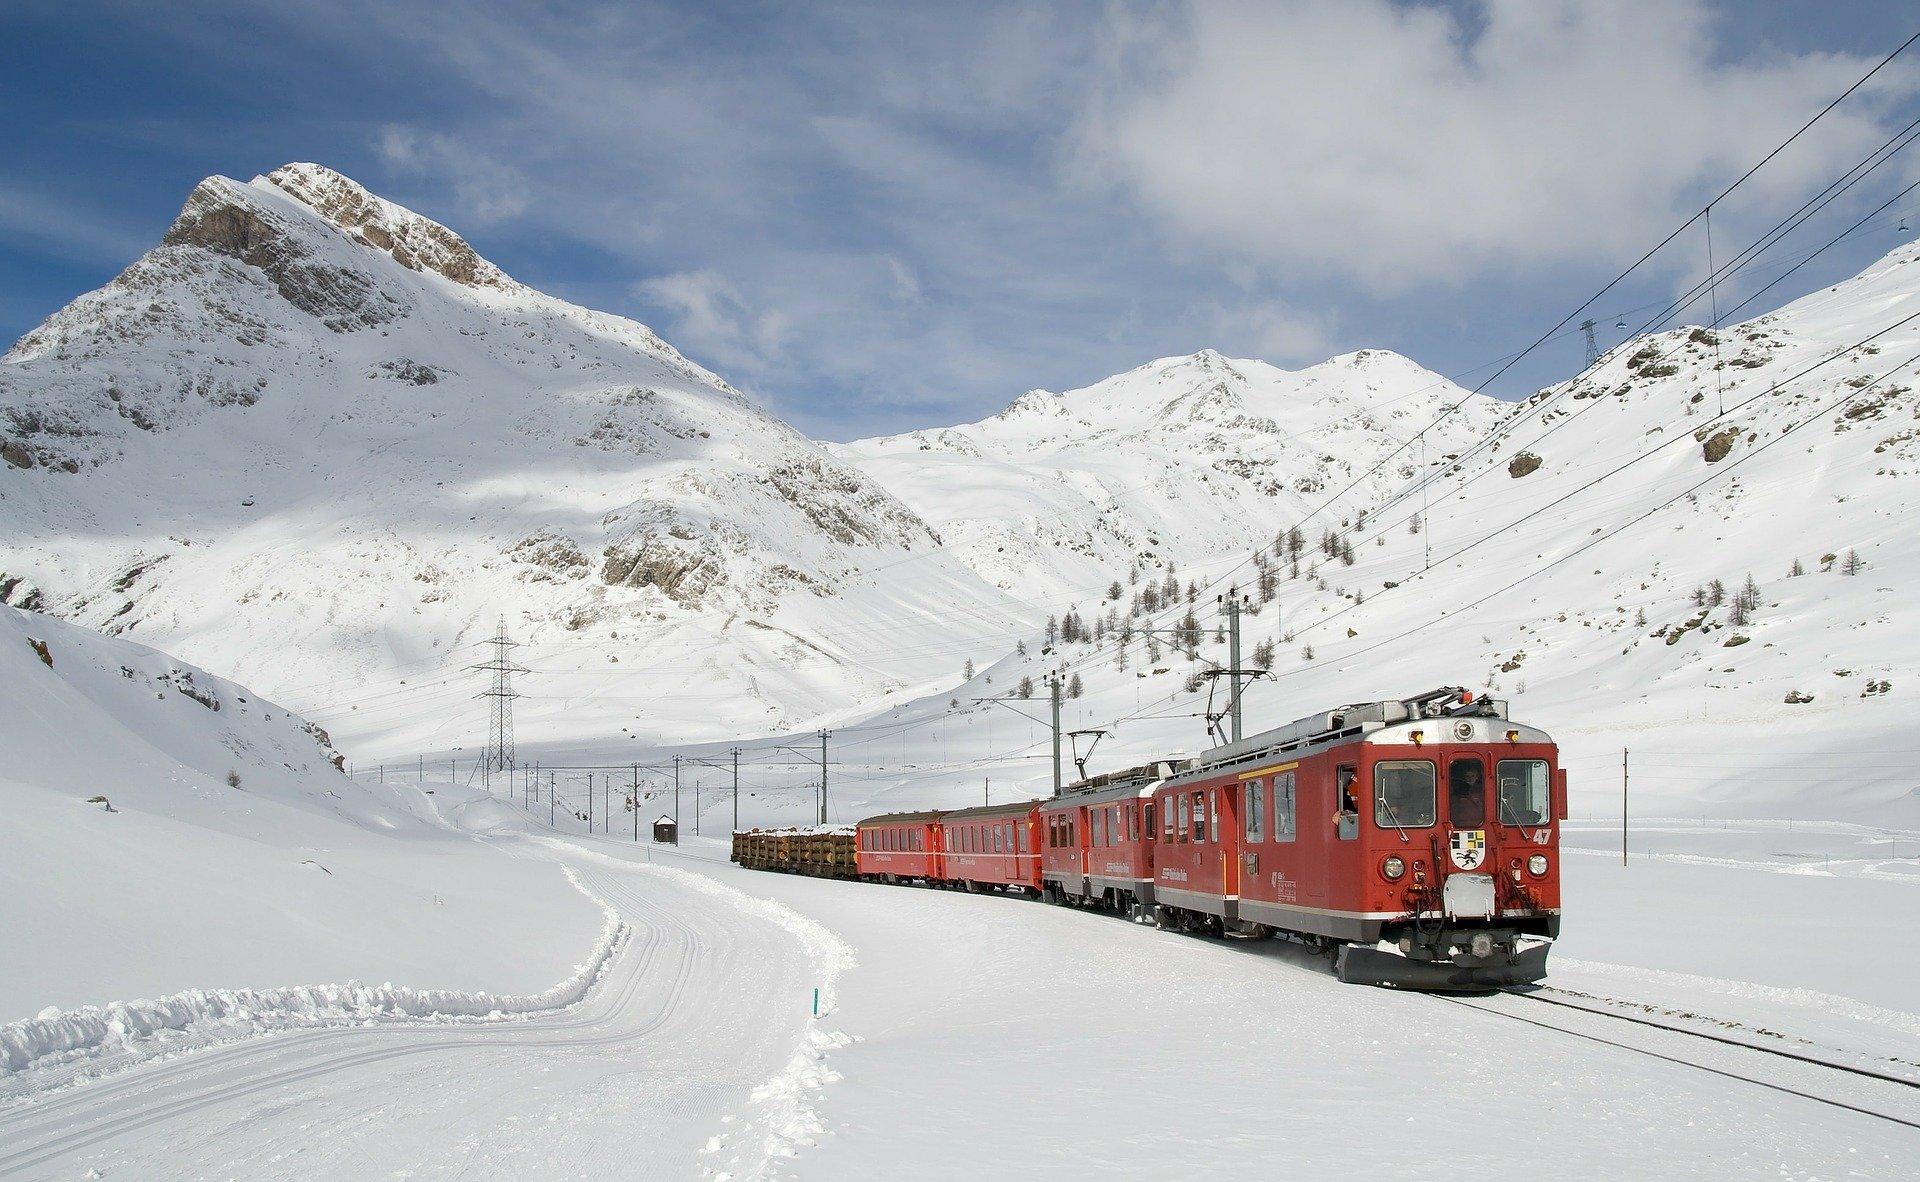 günstige Alternativen zu teuren Reisezielen Berge Zug